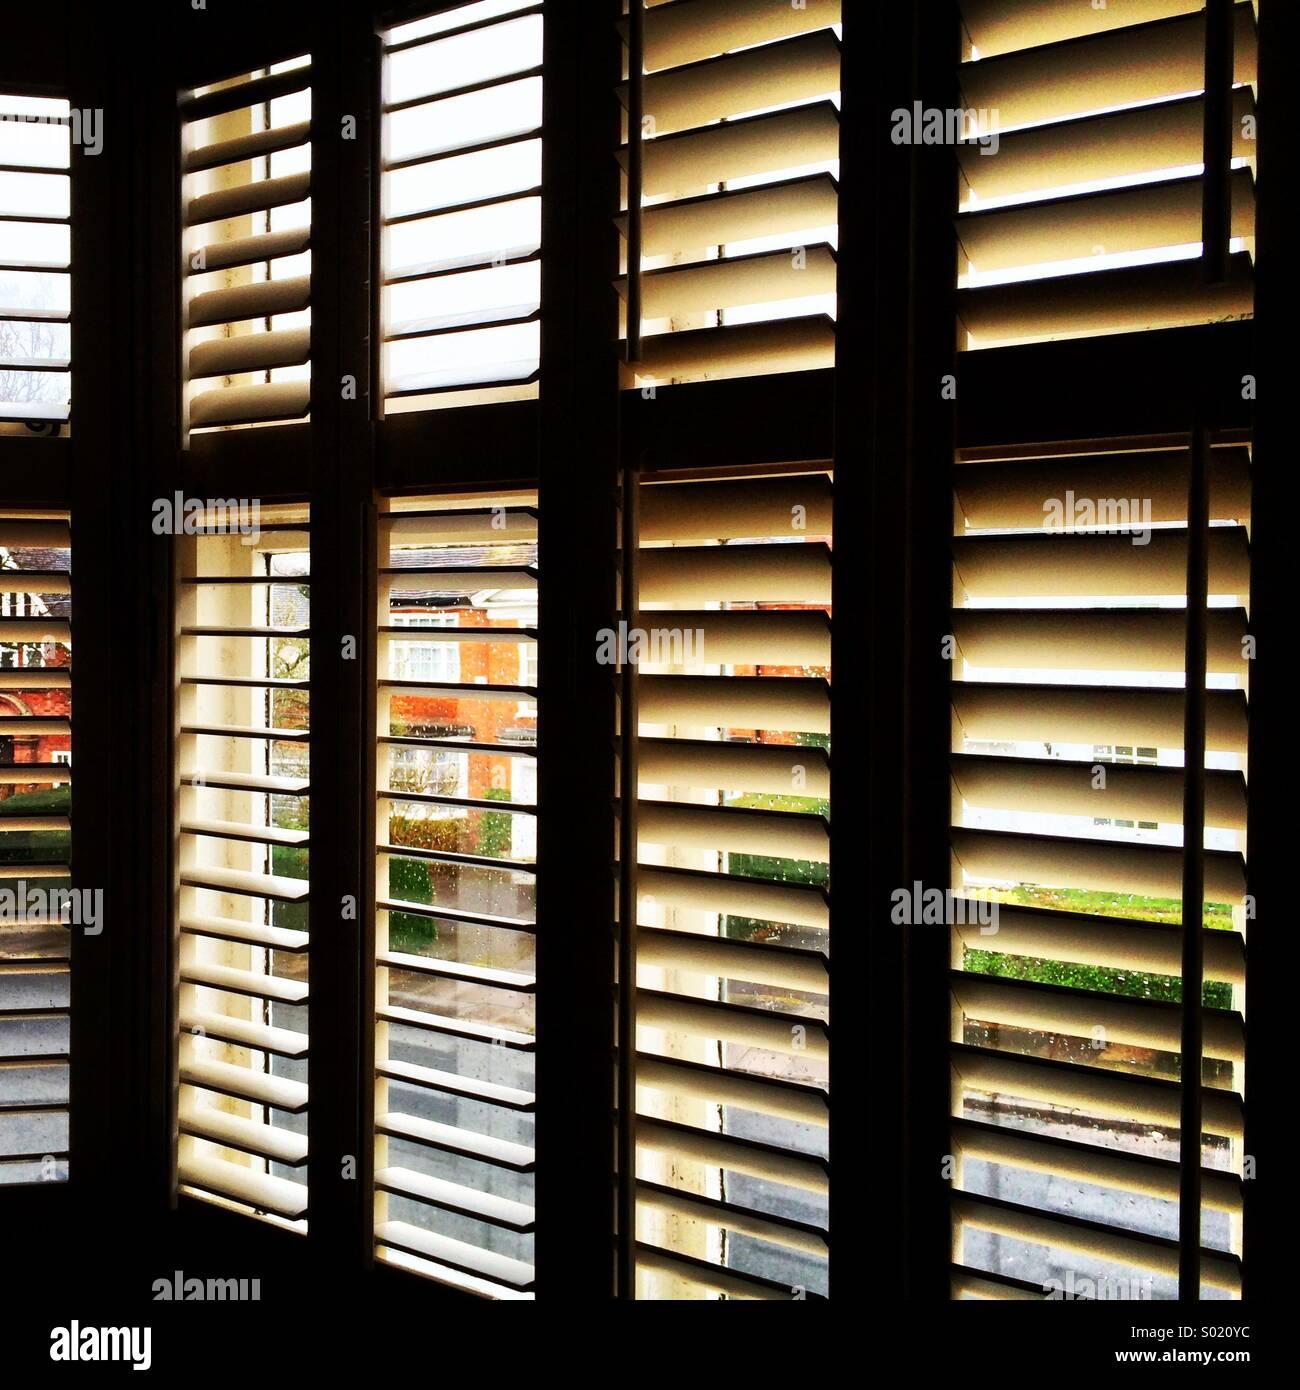 Fensterläden in einem Winkel zu öffnen. Stockbild